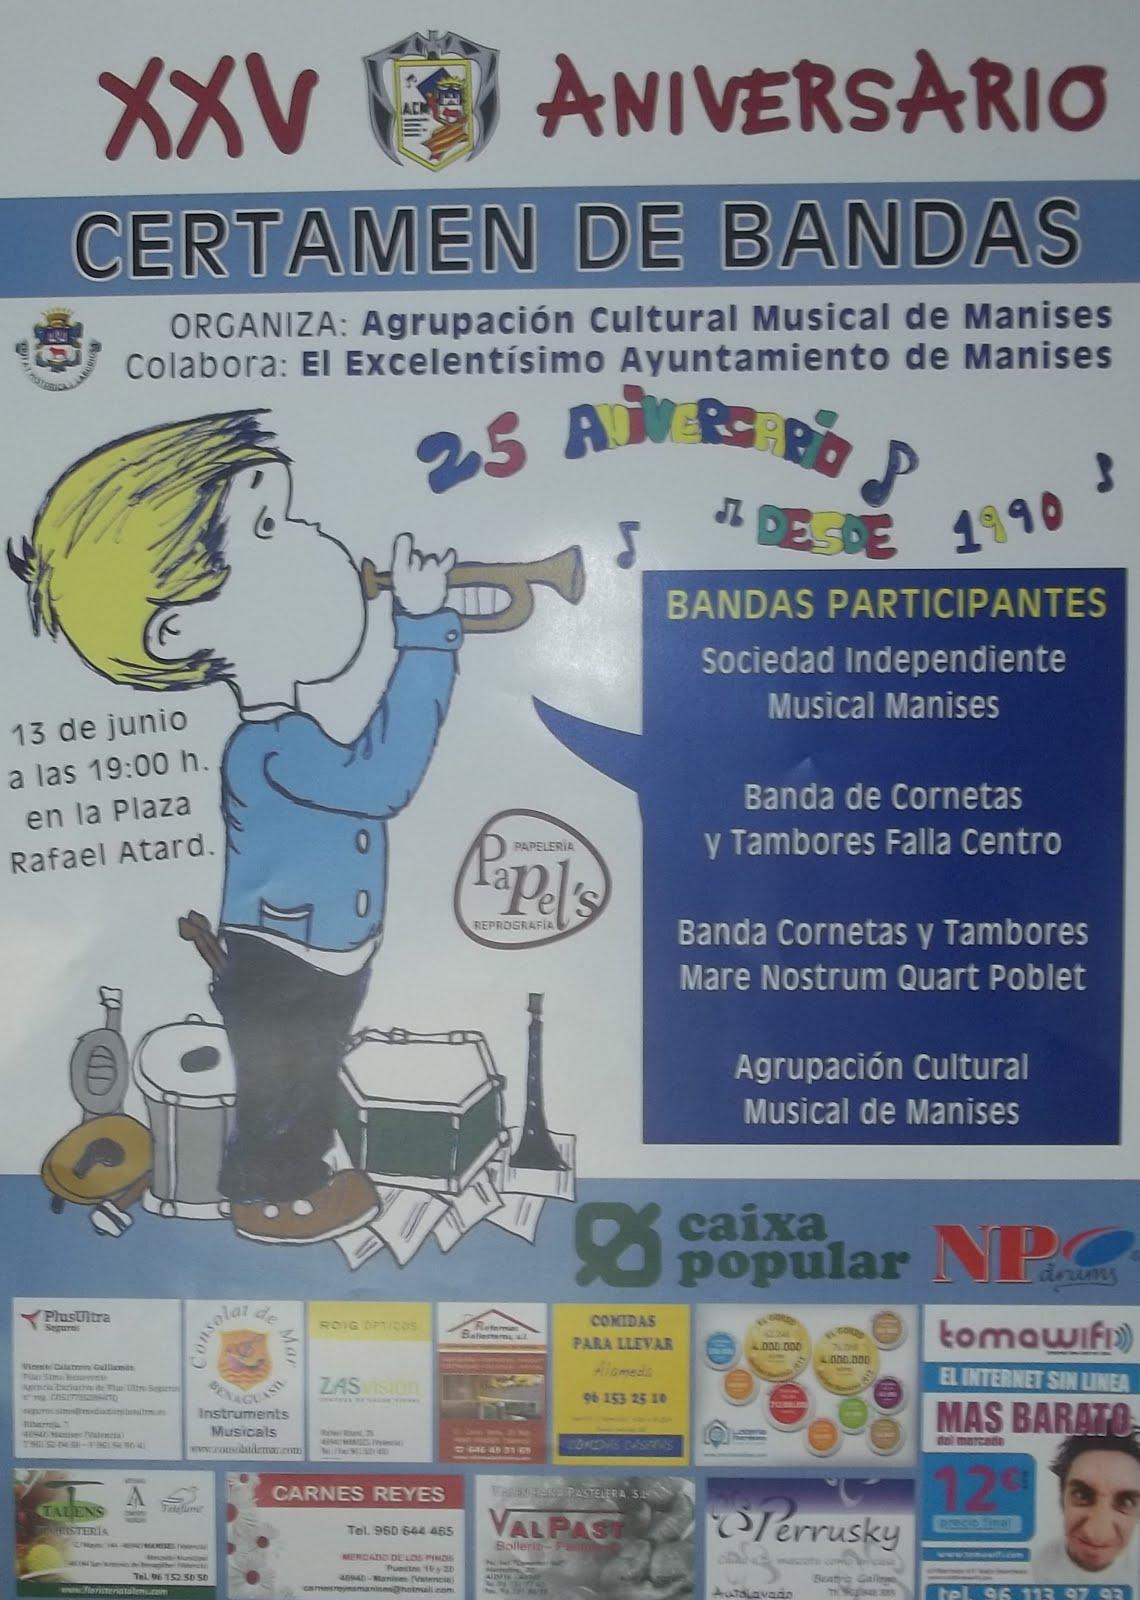 13.06.15 XXV ANIVERSARIO DEL CERTAMEN DE BANDAS